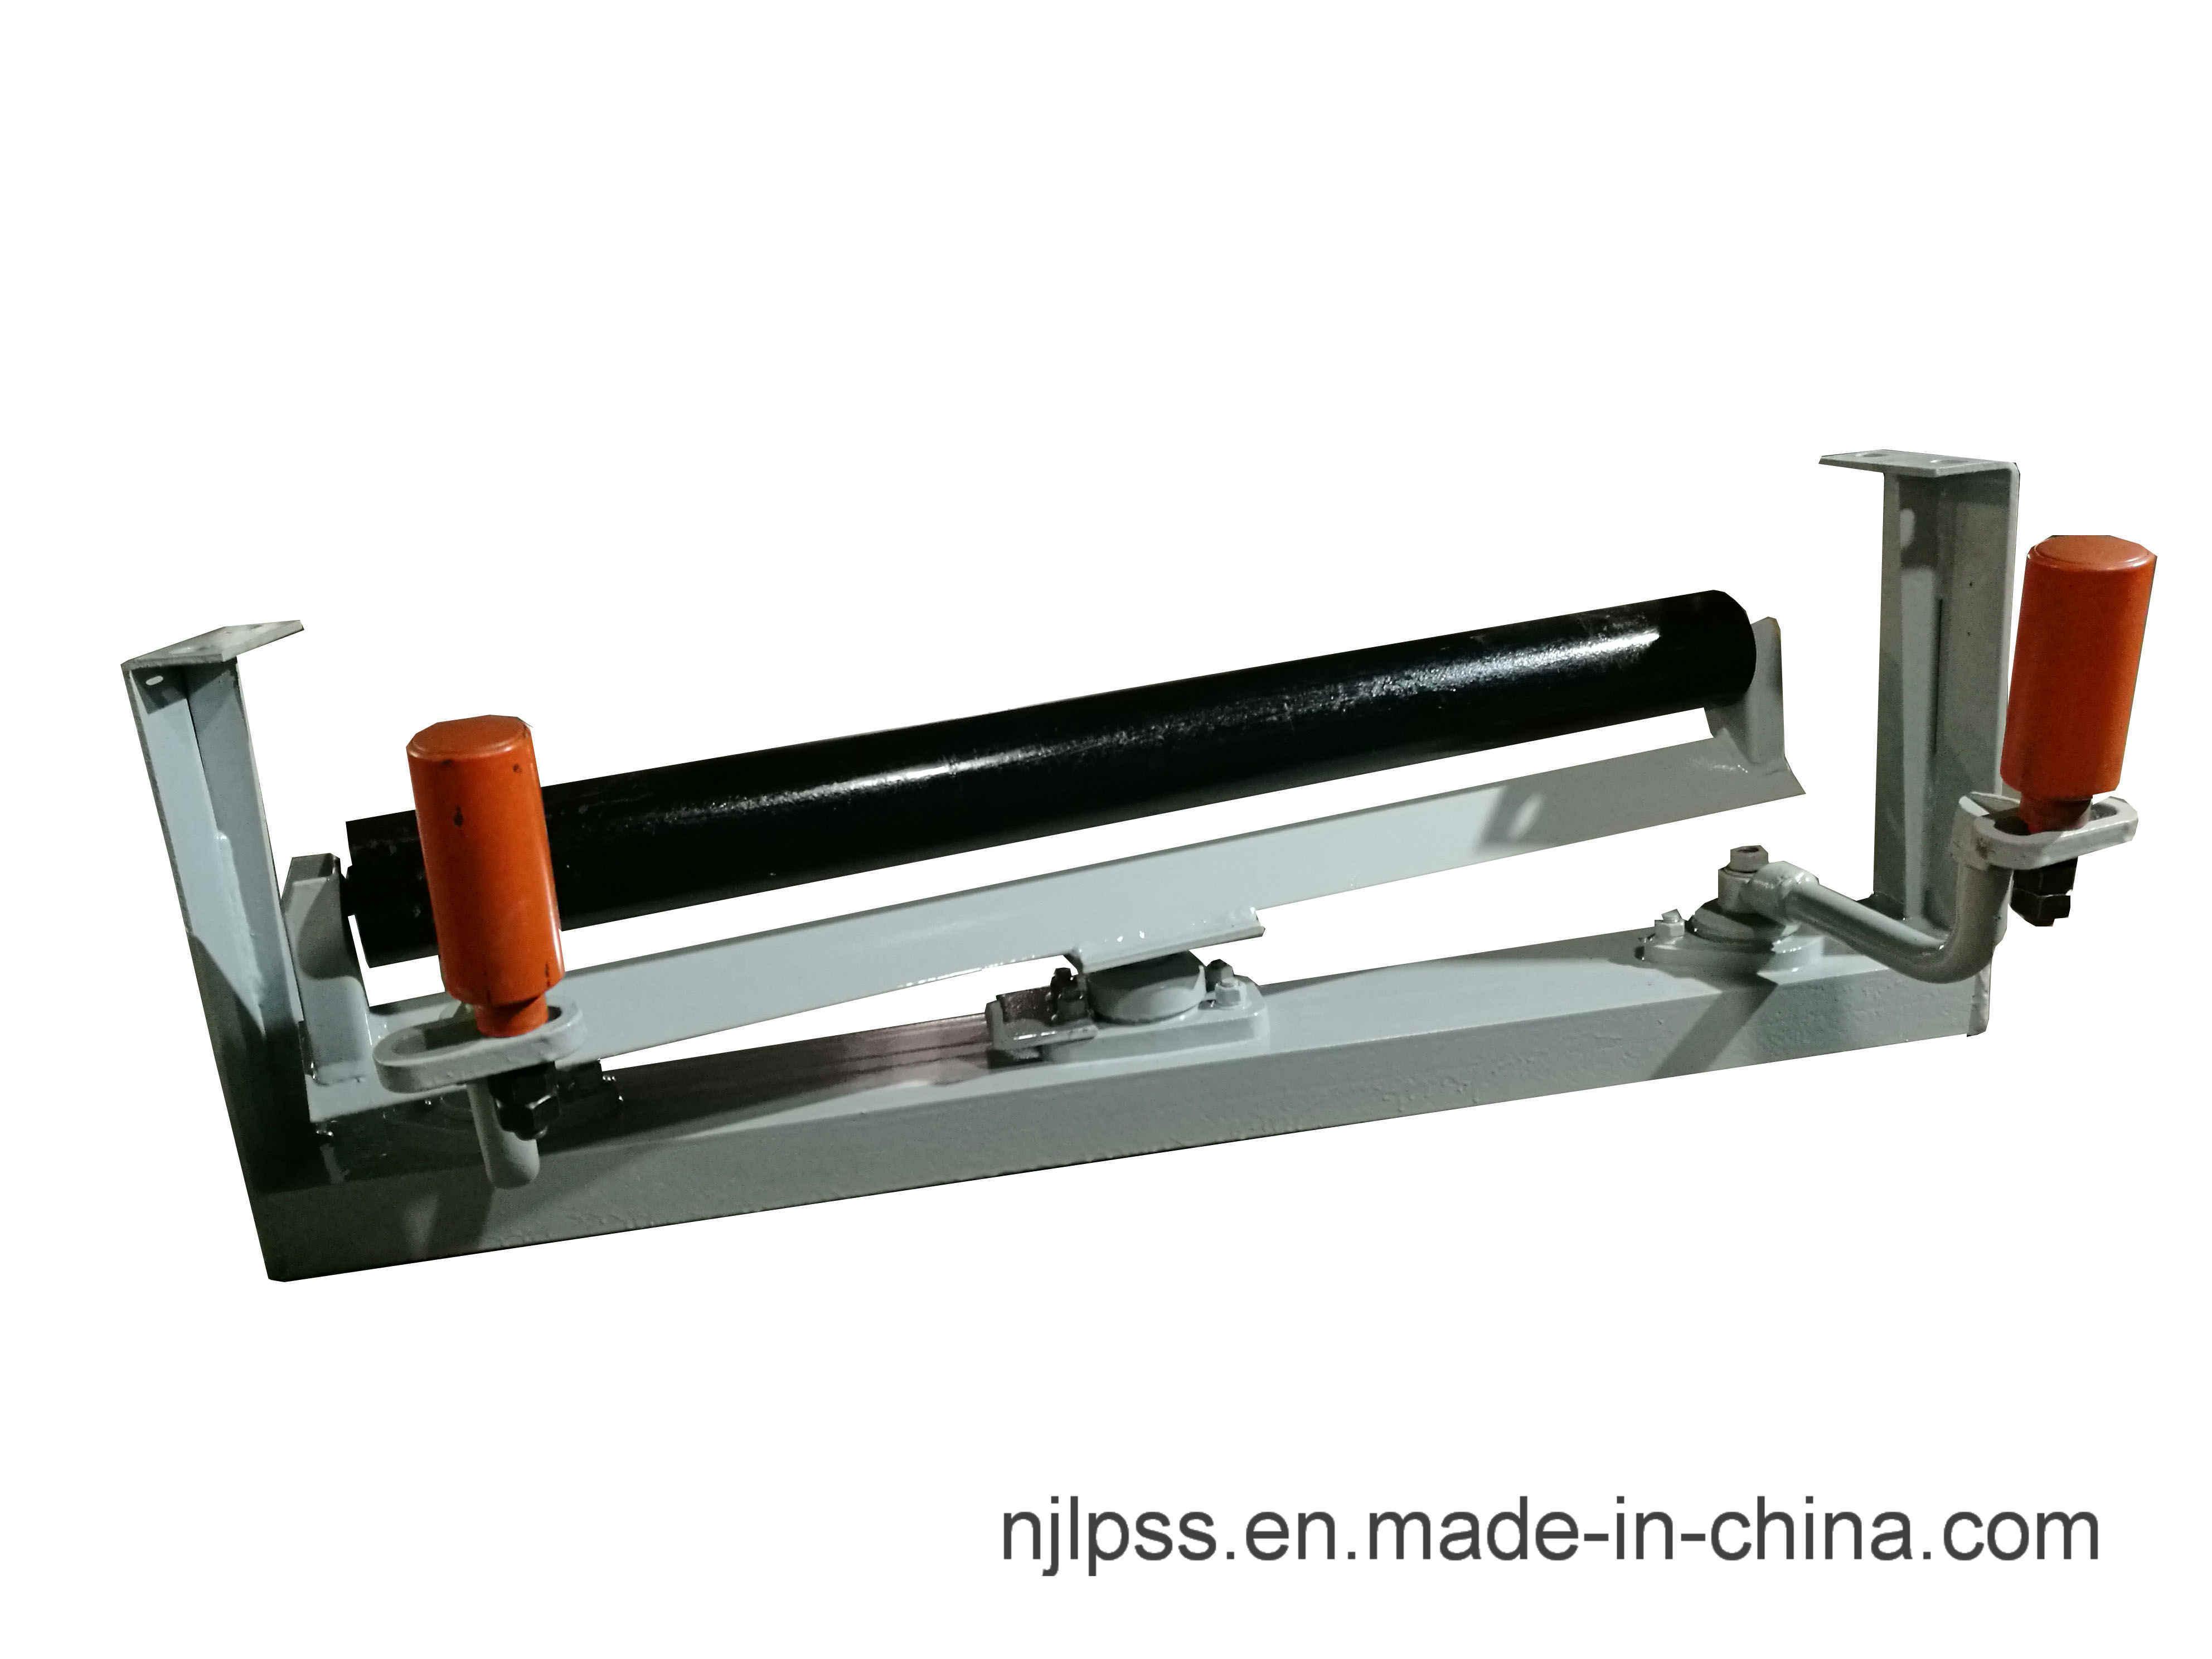 Carrier Self Aligning Roller Group for Belt Conveyor Dtd-X-2